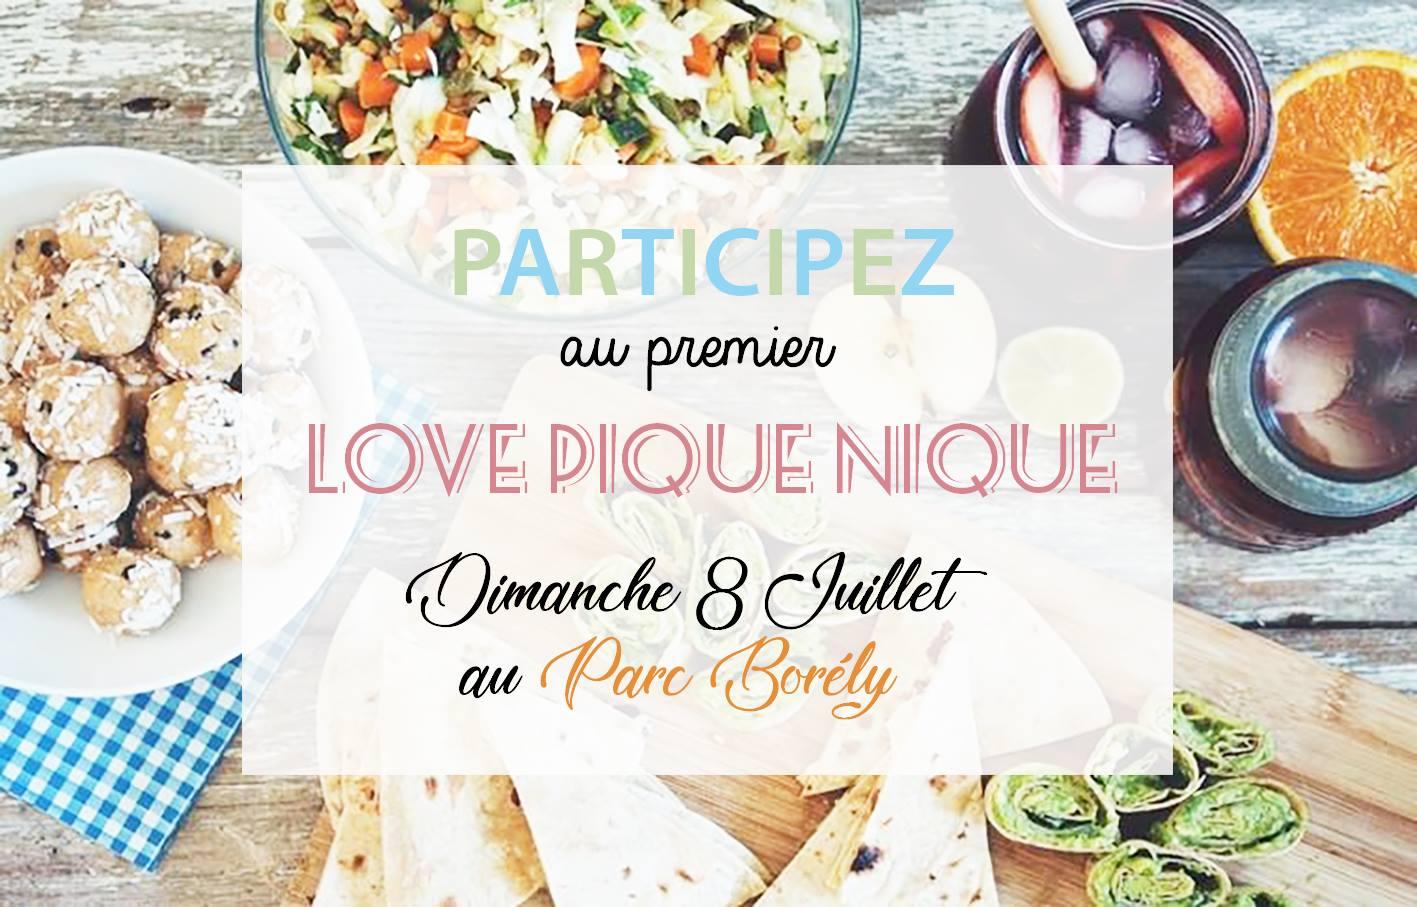 Le Love Pique-Nique : Gourmandises & Amour à partager